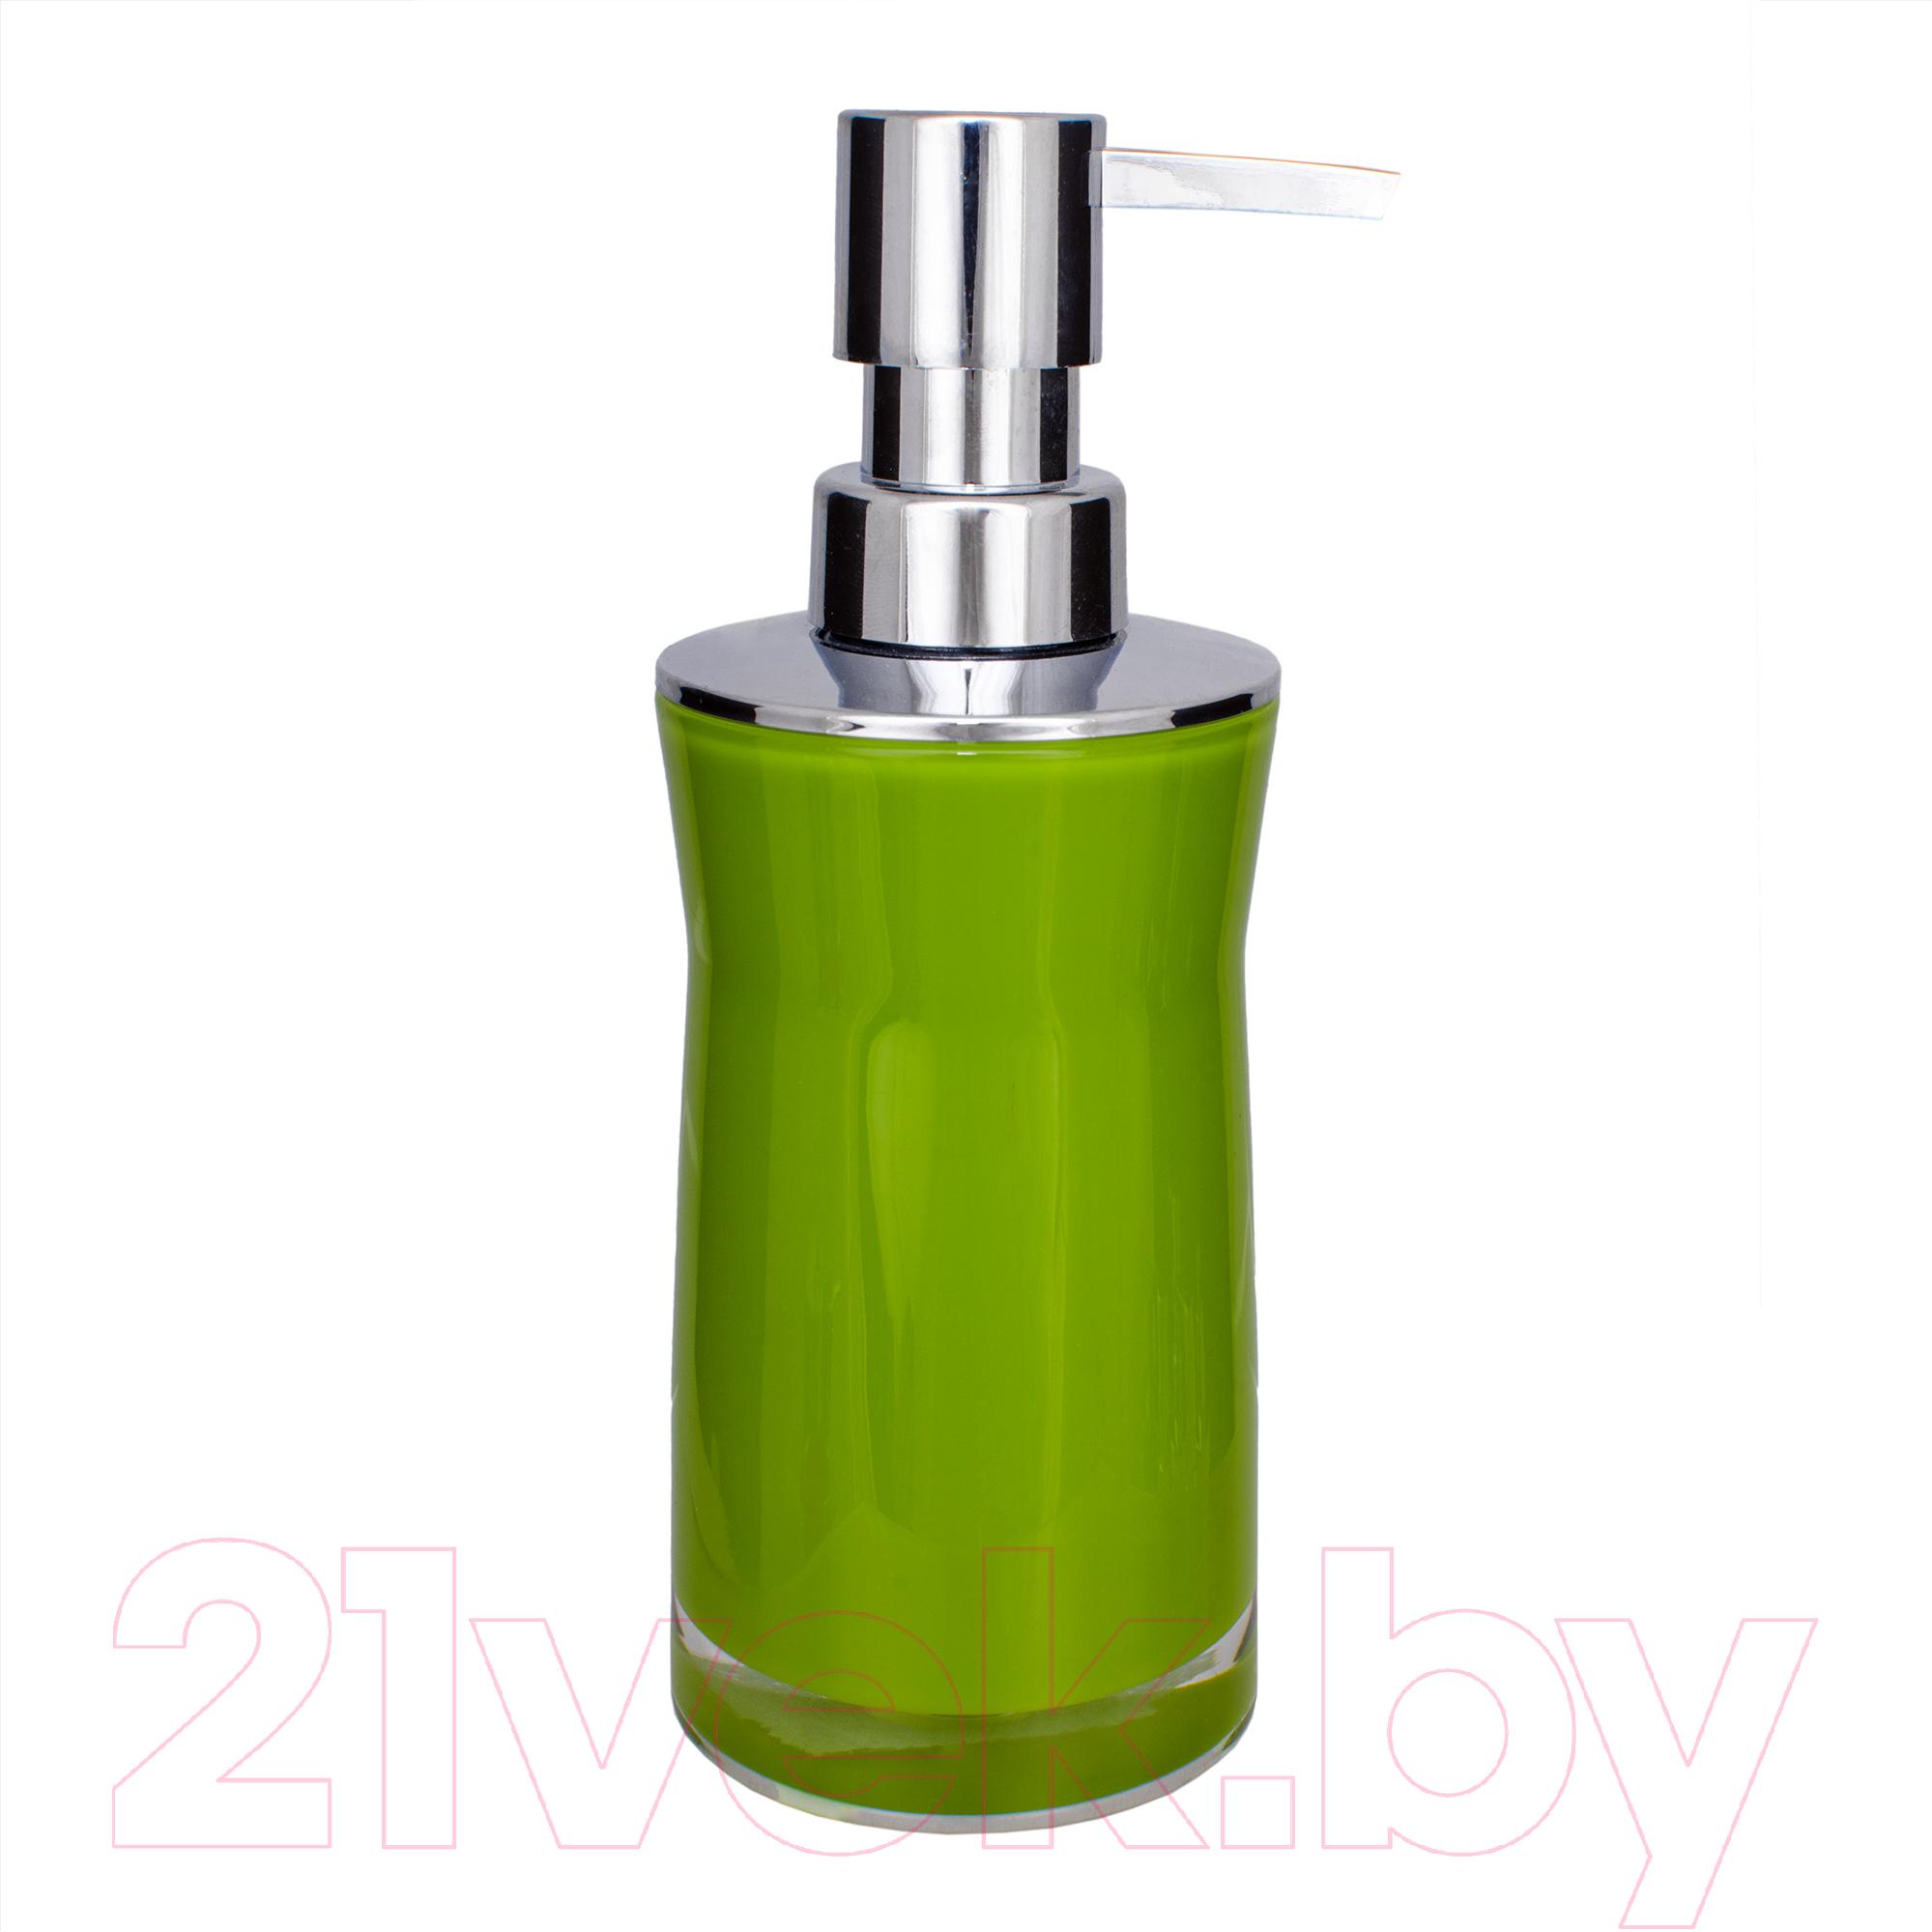 Купить Дозатор жидкого мыла Ridder, Disco 2103505, Китай, акрил, Disco (Ridder)